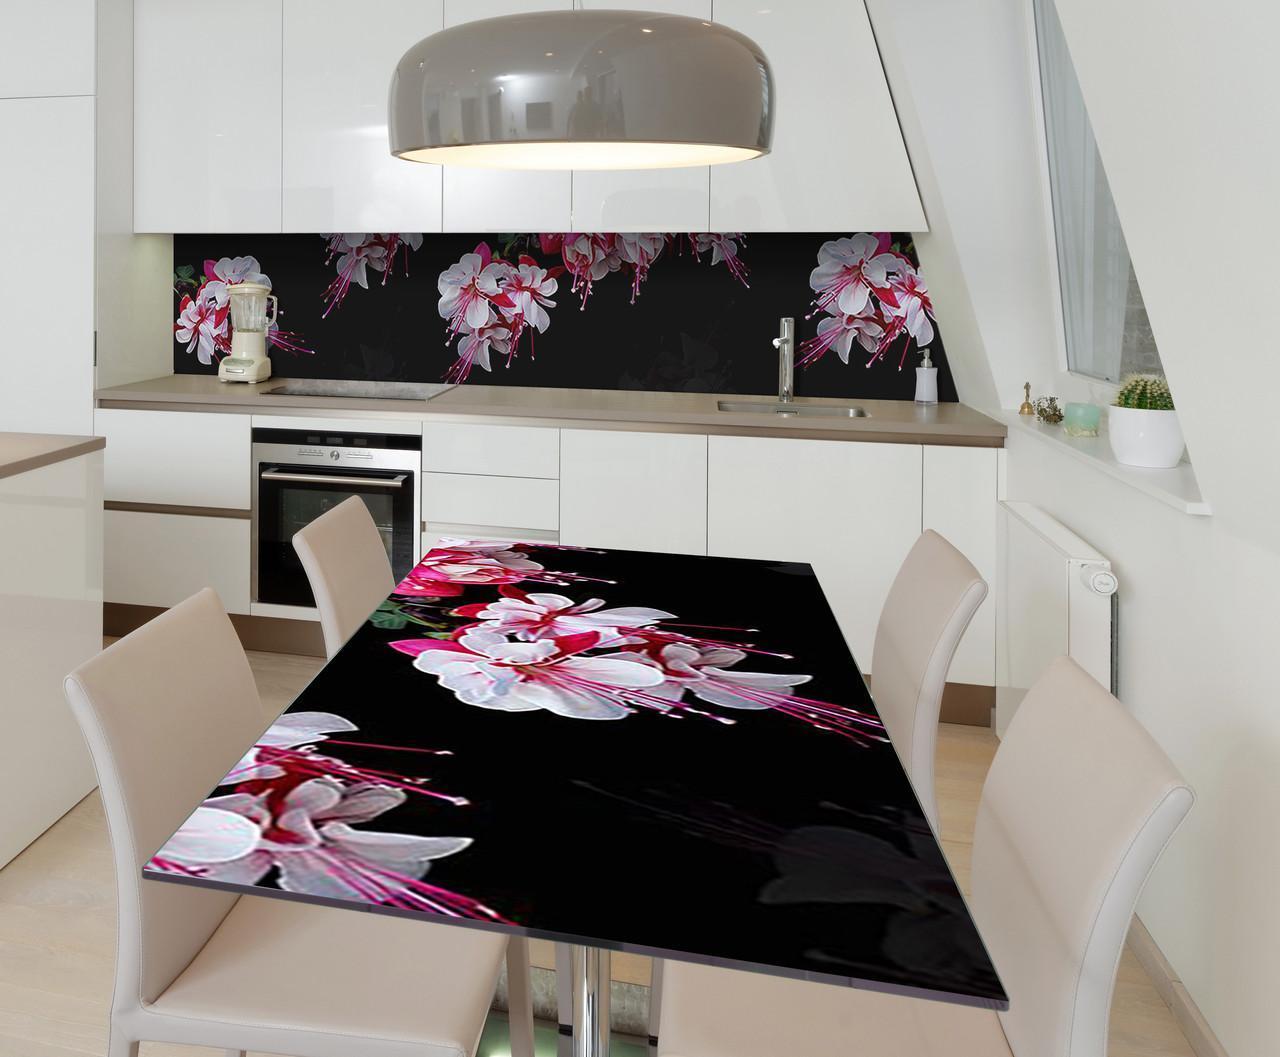 Наклейка 3Д виниловая на стол Zatarga «Лёгкость бытия» 650х1200 мм для домов, квартир, столов, кофейн, кафе